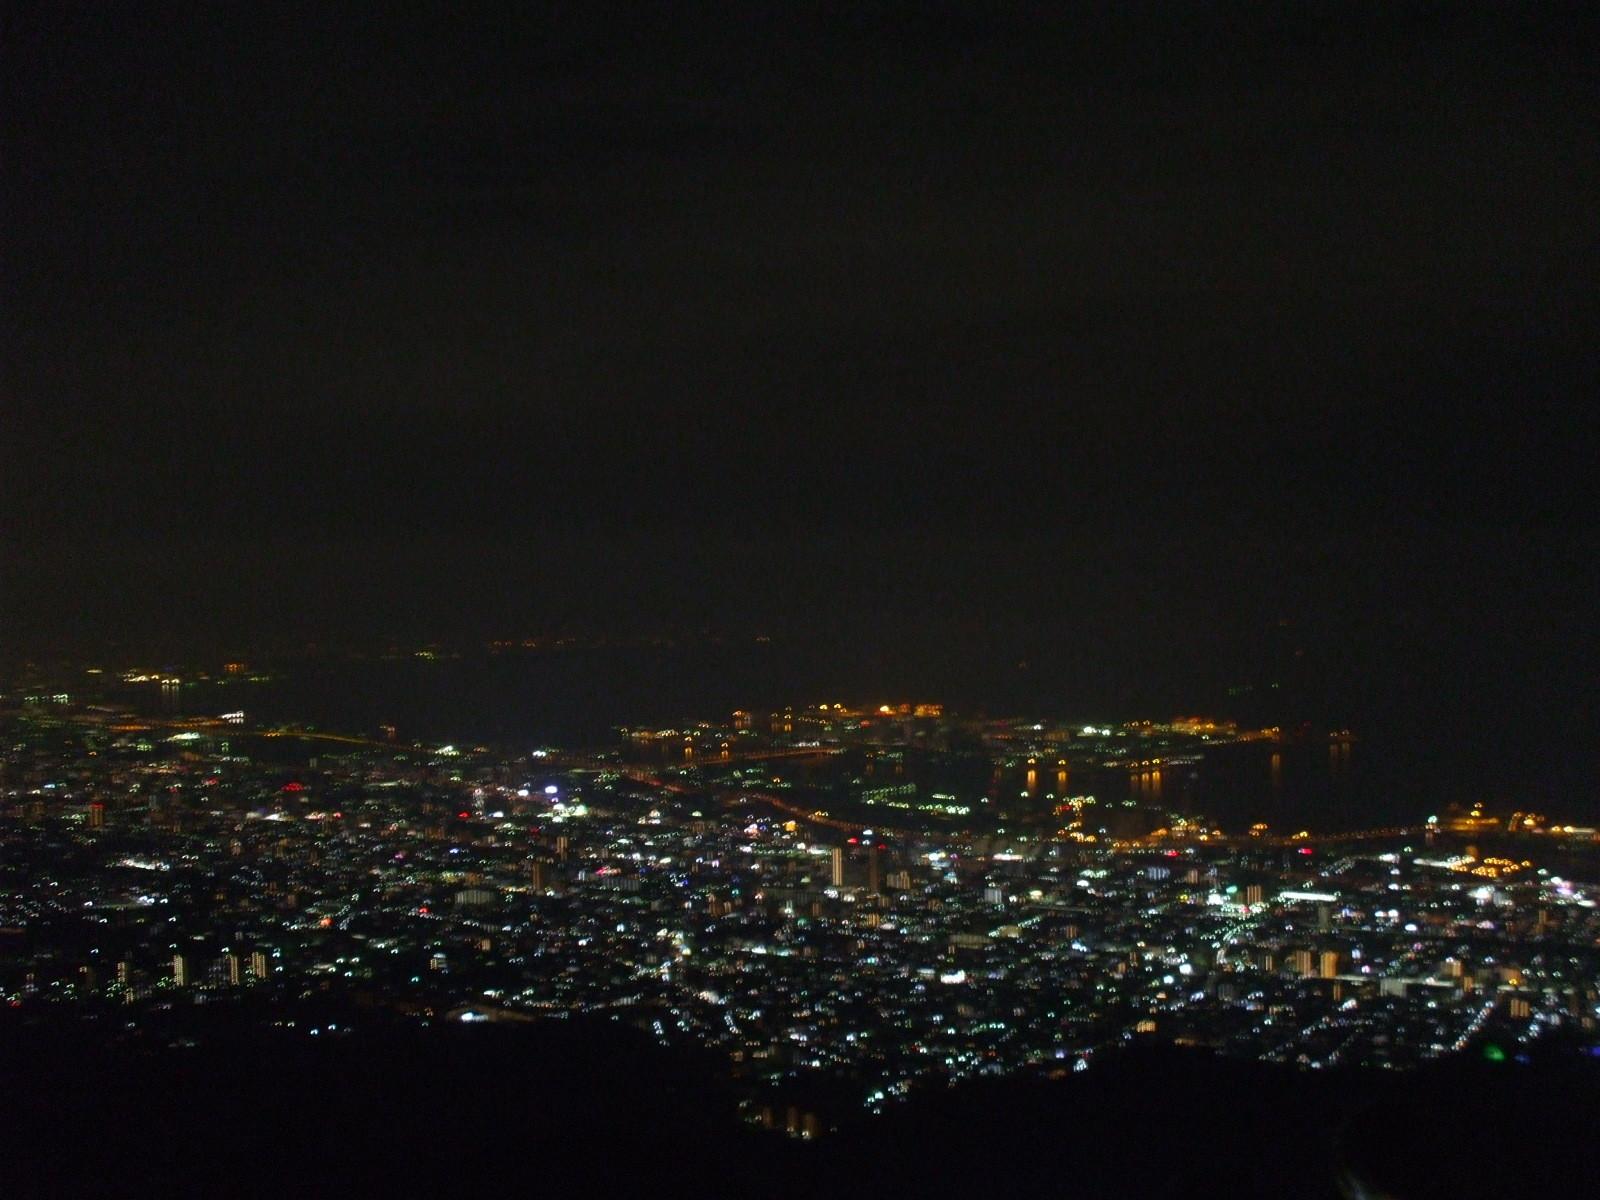 【摩耶山掬星台(まややまきくせいだい)】 日本三大夜景。まやビューライン、神戸1000万ドルの夜景と、きらきら小怪